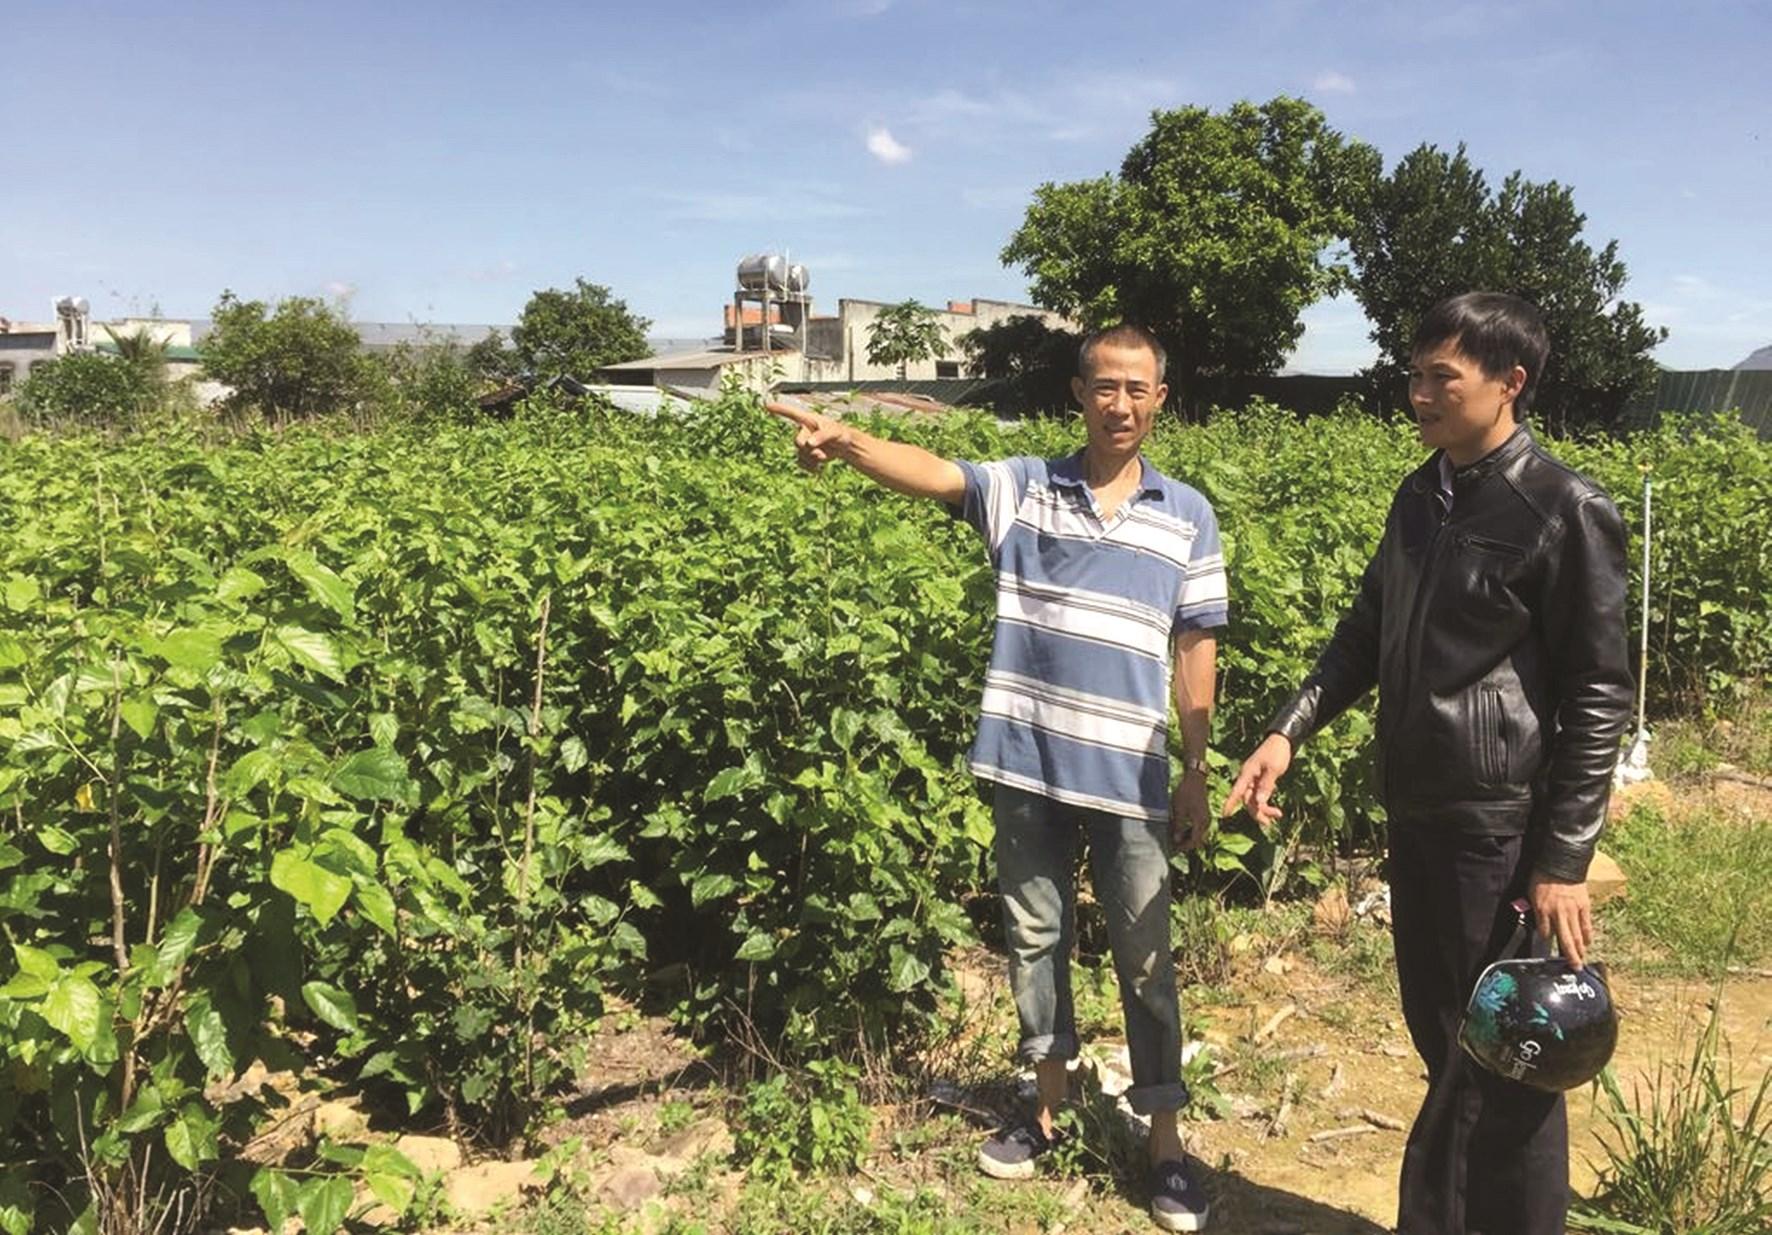 Khu đất trồng lúa trước đây nay người dân đã chuyển đổi trồng dâu